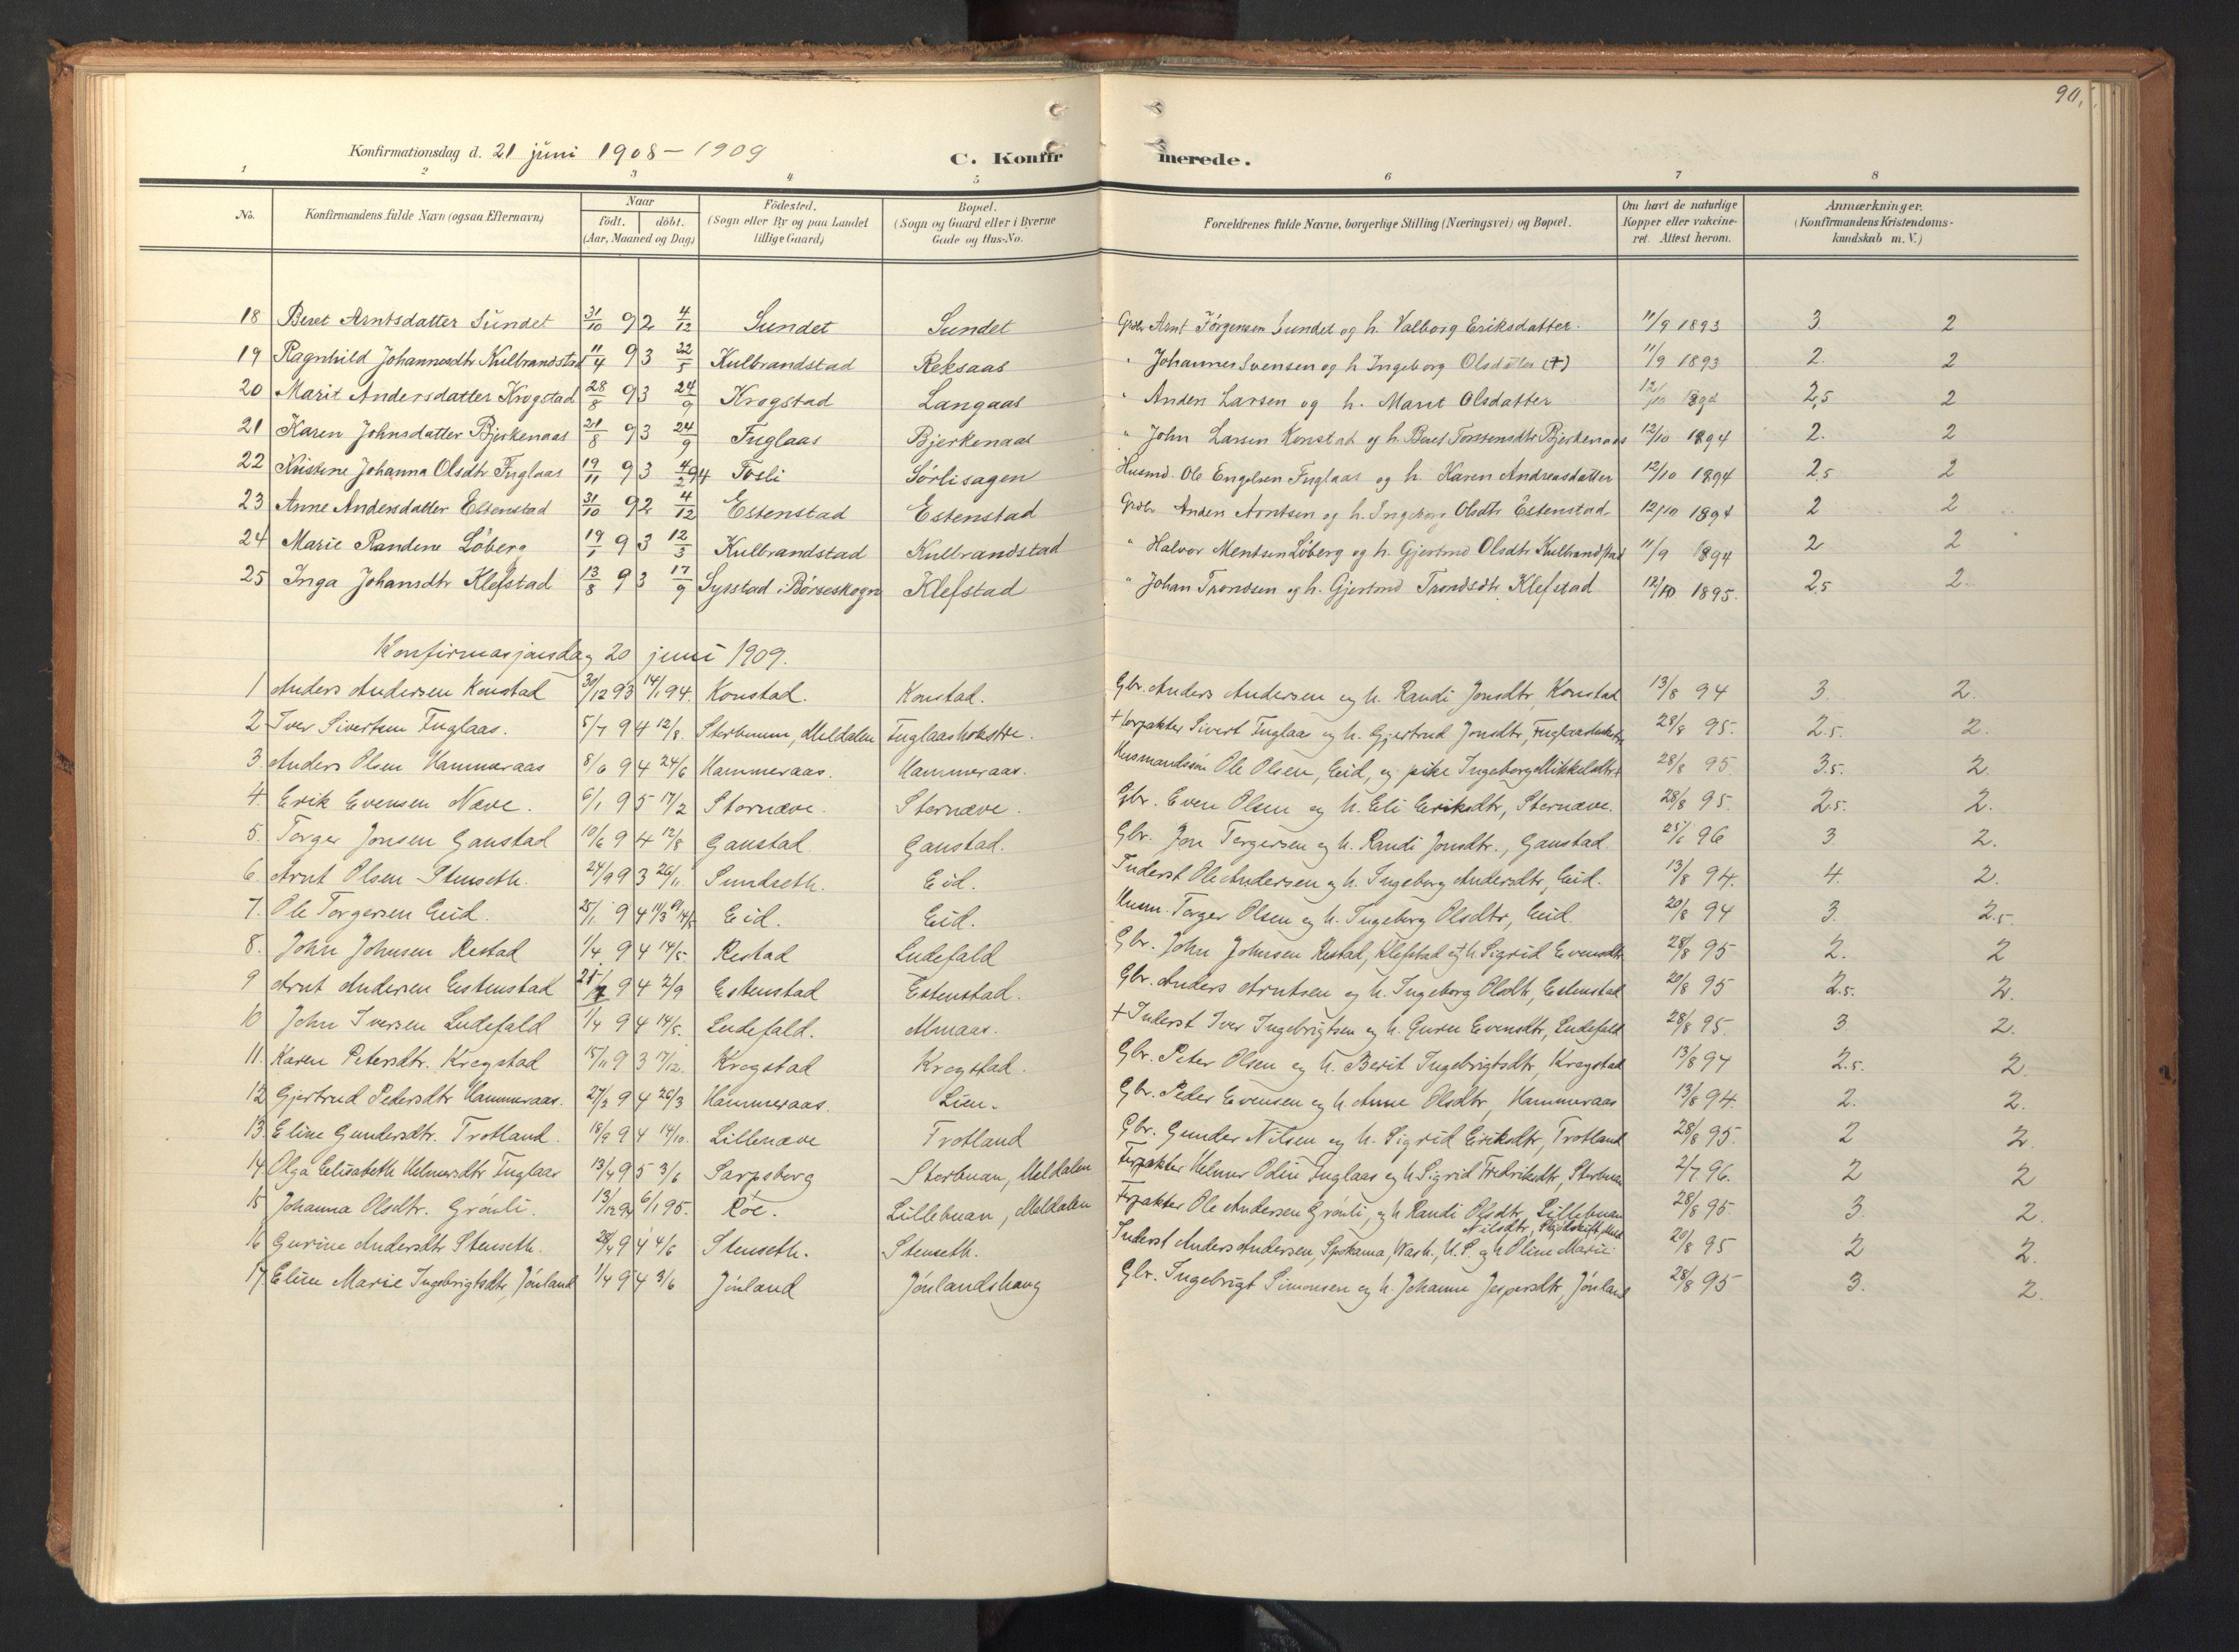 SAT, Ministerialprotokoller, klokkerbøker og fødselsregistre - Sør-Trøndelag, 694/L1128: Ministerialbok nr. 694A02, 1906-1931, s. 90